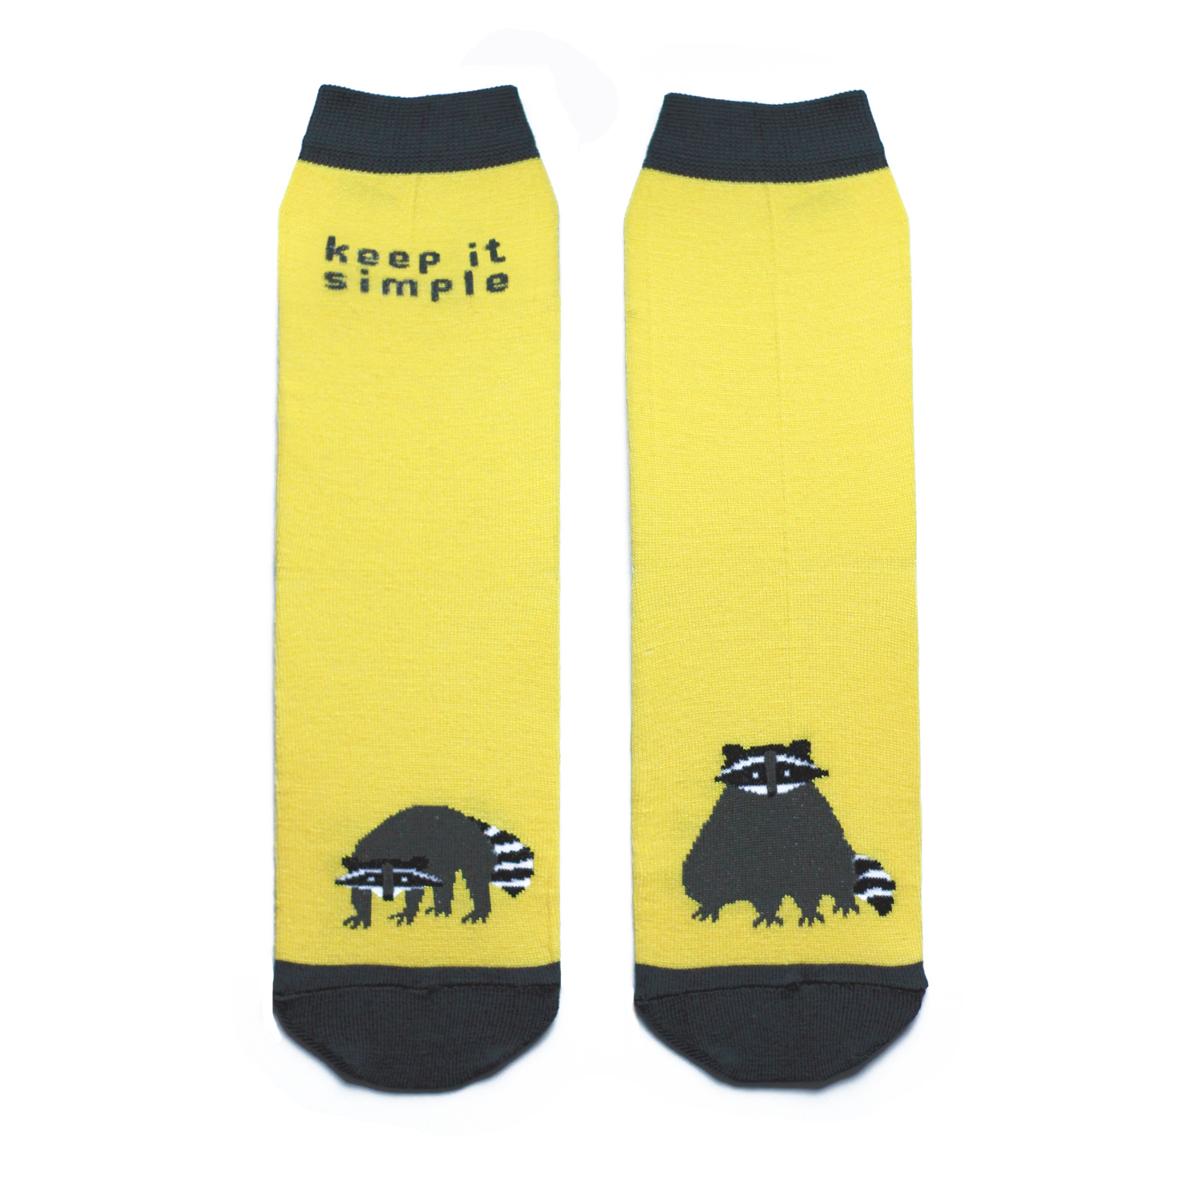 Носкиca1231Мужские носки Big Bang Socks изготовлены из высококачественного хлопка с добавлением полиамидных и эластановых волокон, которые обеспечивают великолепную посадку. Носки отличаются ярким стильным дизайном, они оформлены изображением енота и надписью: Keep it simple. Удобная широкая резинка идеально облегает ногу и не пережимает сосуды, усиленные пятка и мысок повышают износоустойчивость носка, а удлиненный паголенок придает более эстетичный вид. Дизайнерские носки Big Bang Socks - яркая деталь в вашем образе и оригинальный подарок для друзей и близких.